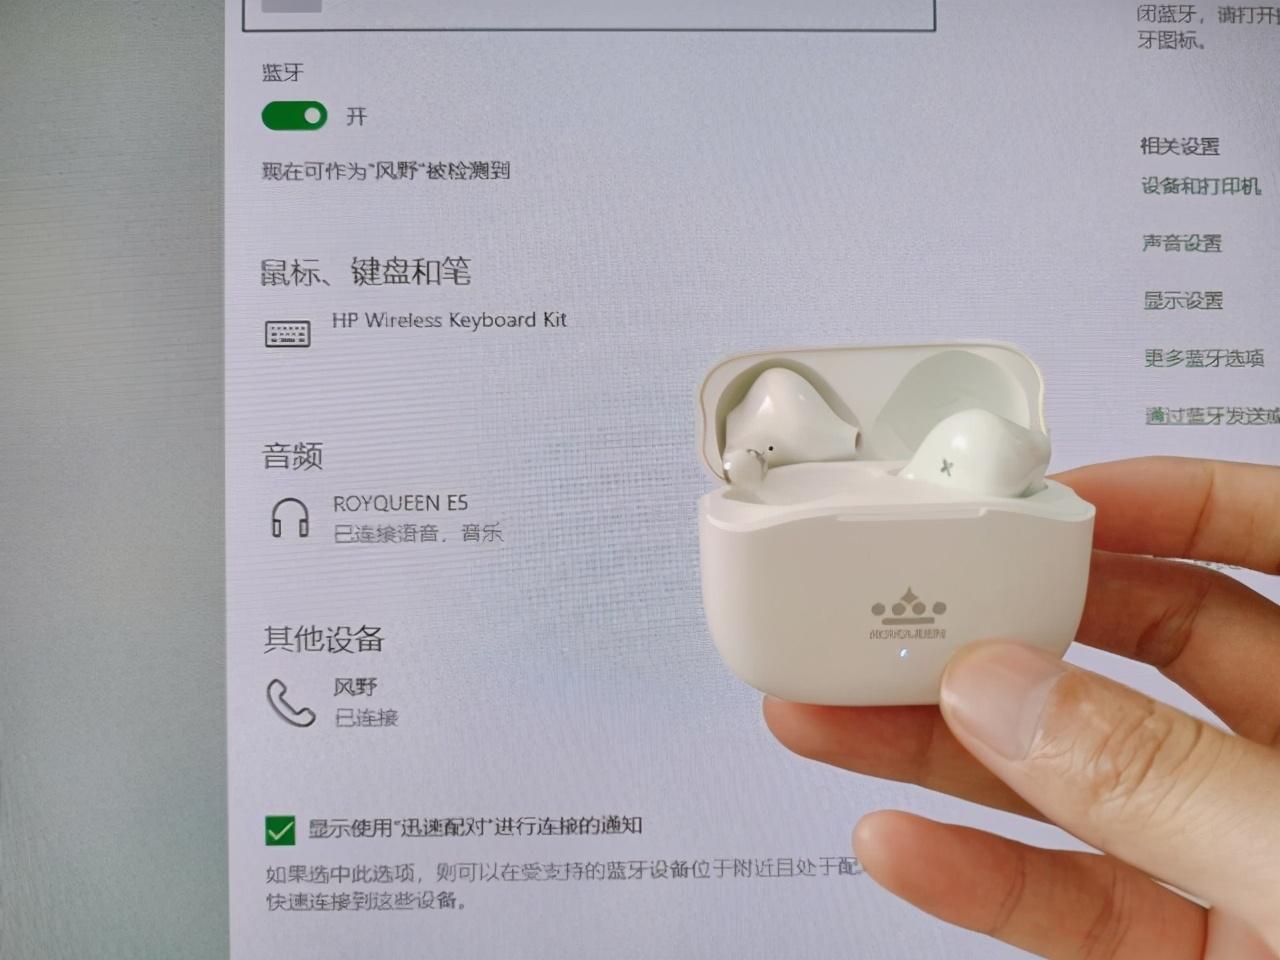 dacom蓝牙耳机怎么连接手机(手机搜不到dacom蓝牙耳机)